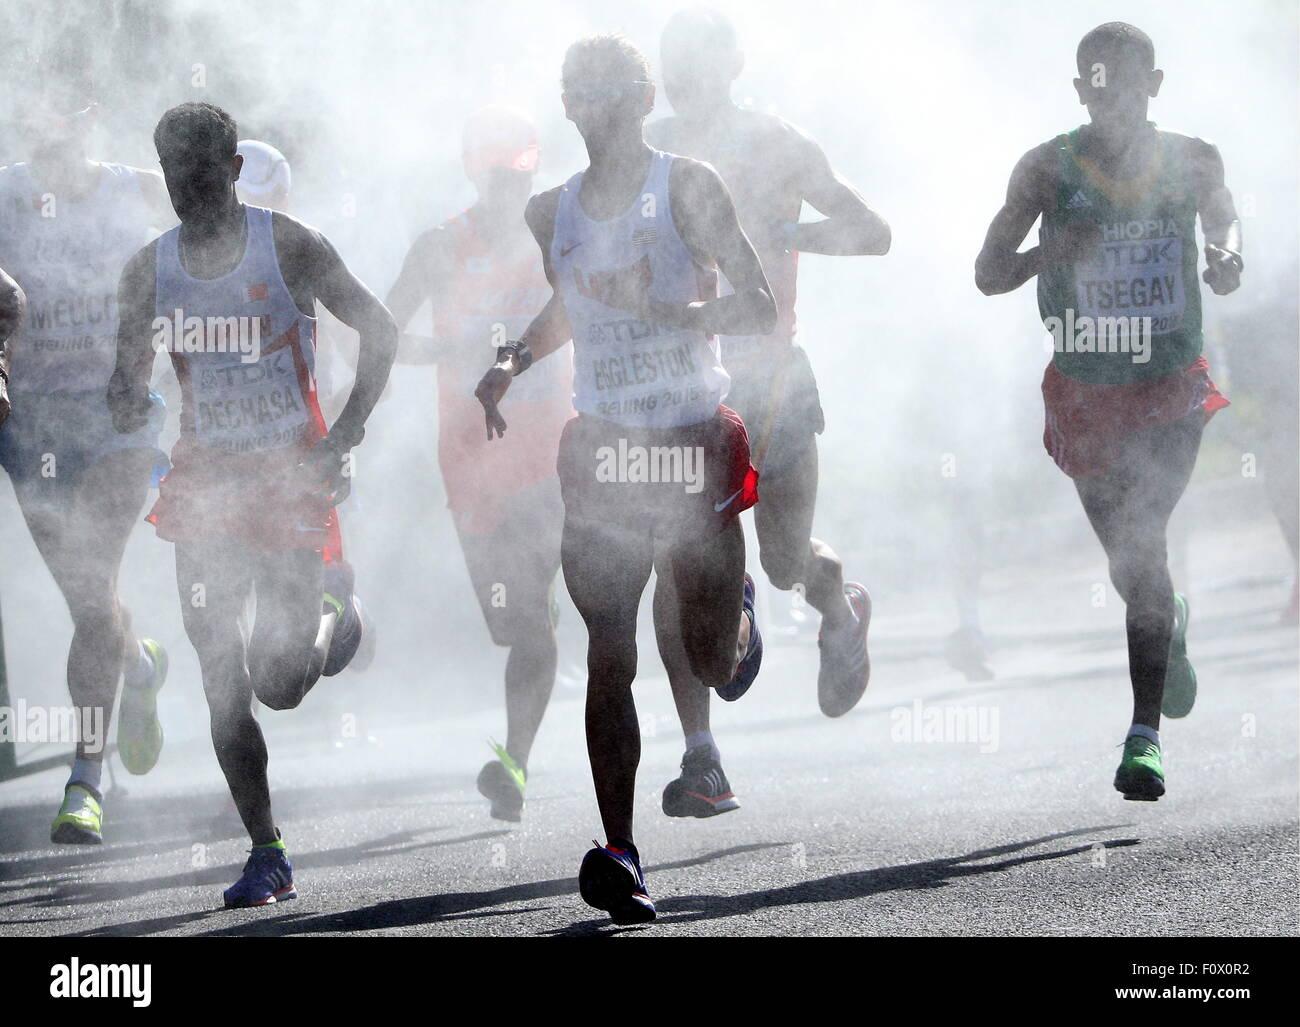 Beijing, Chine. Août 22, 2015. Les athlètes concourent dans l'épreuve du marathon à la 15e Photo Stock